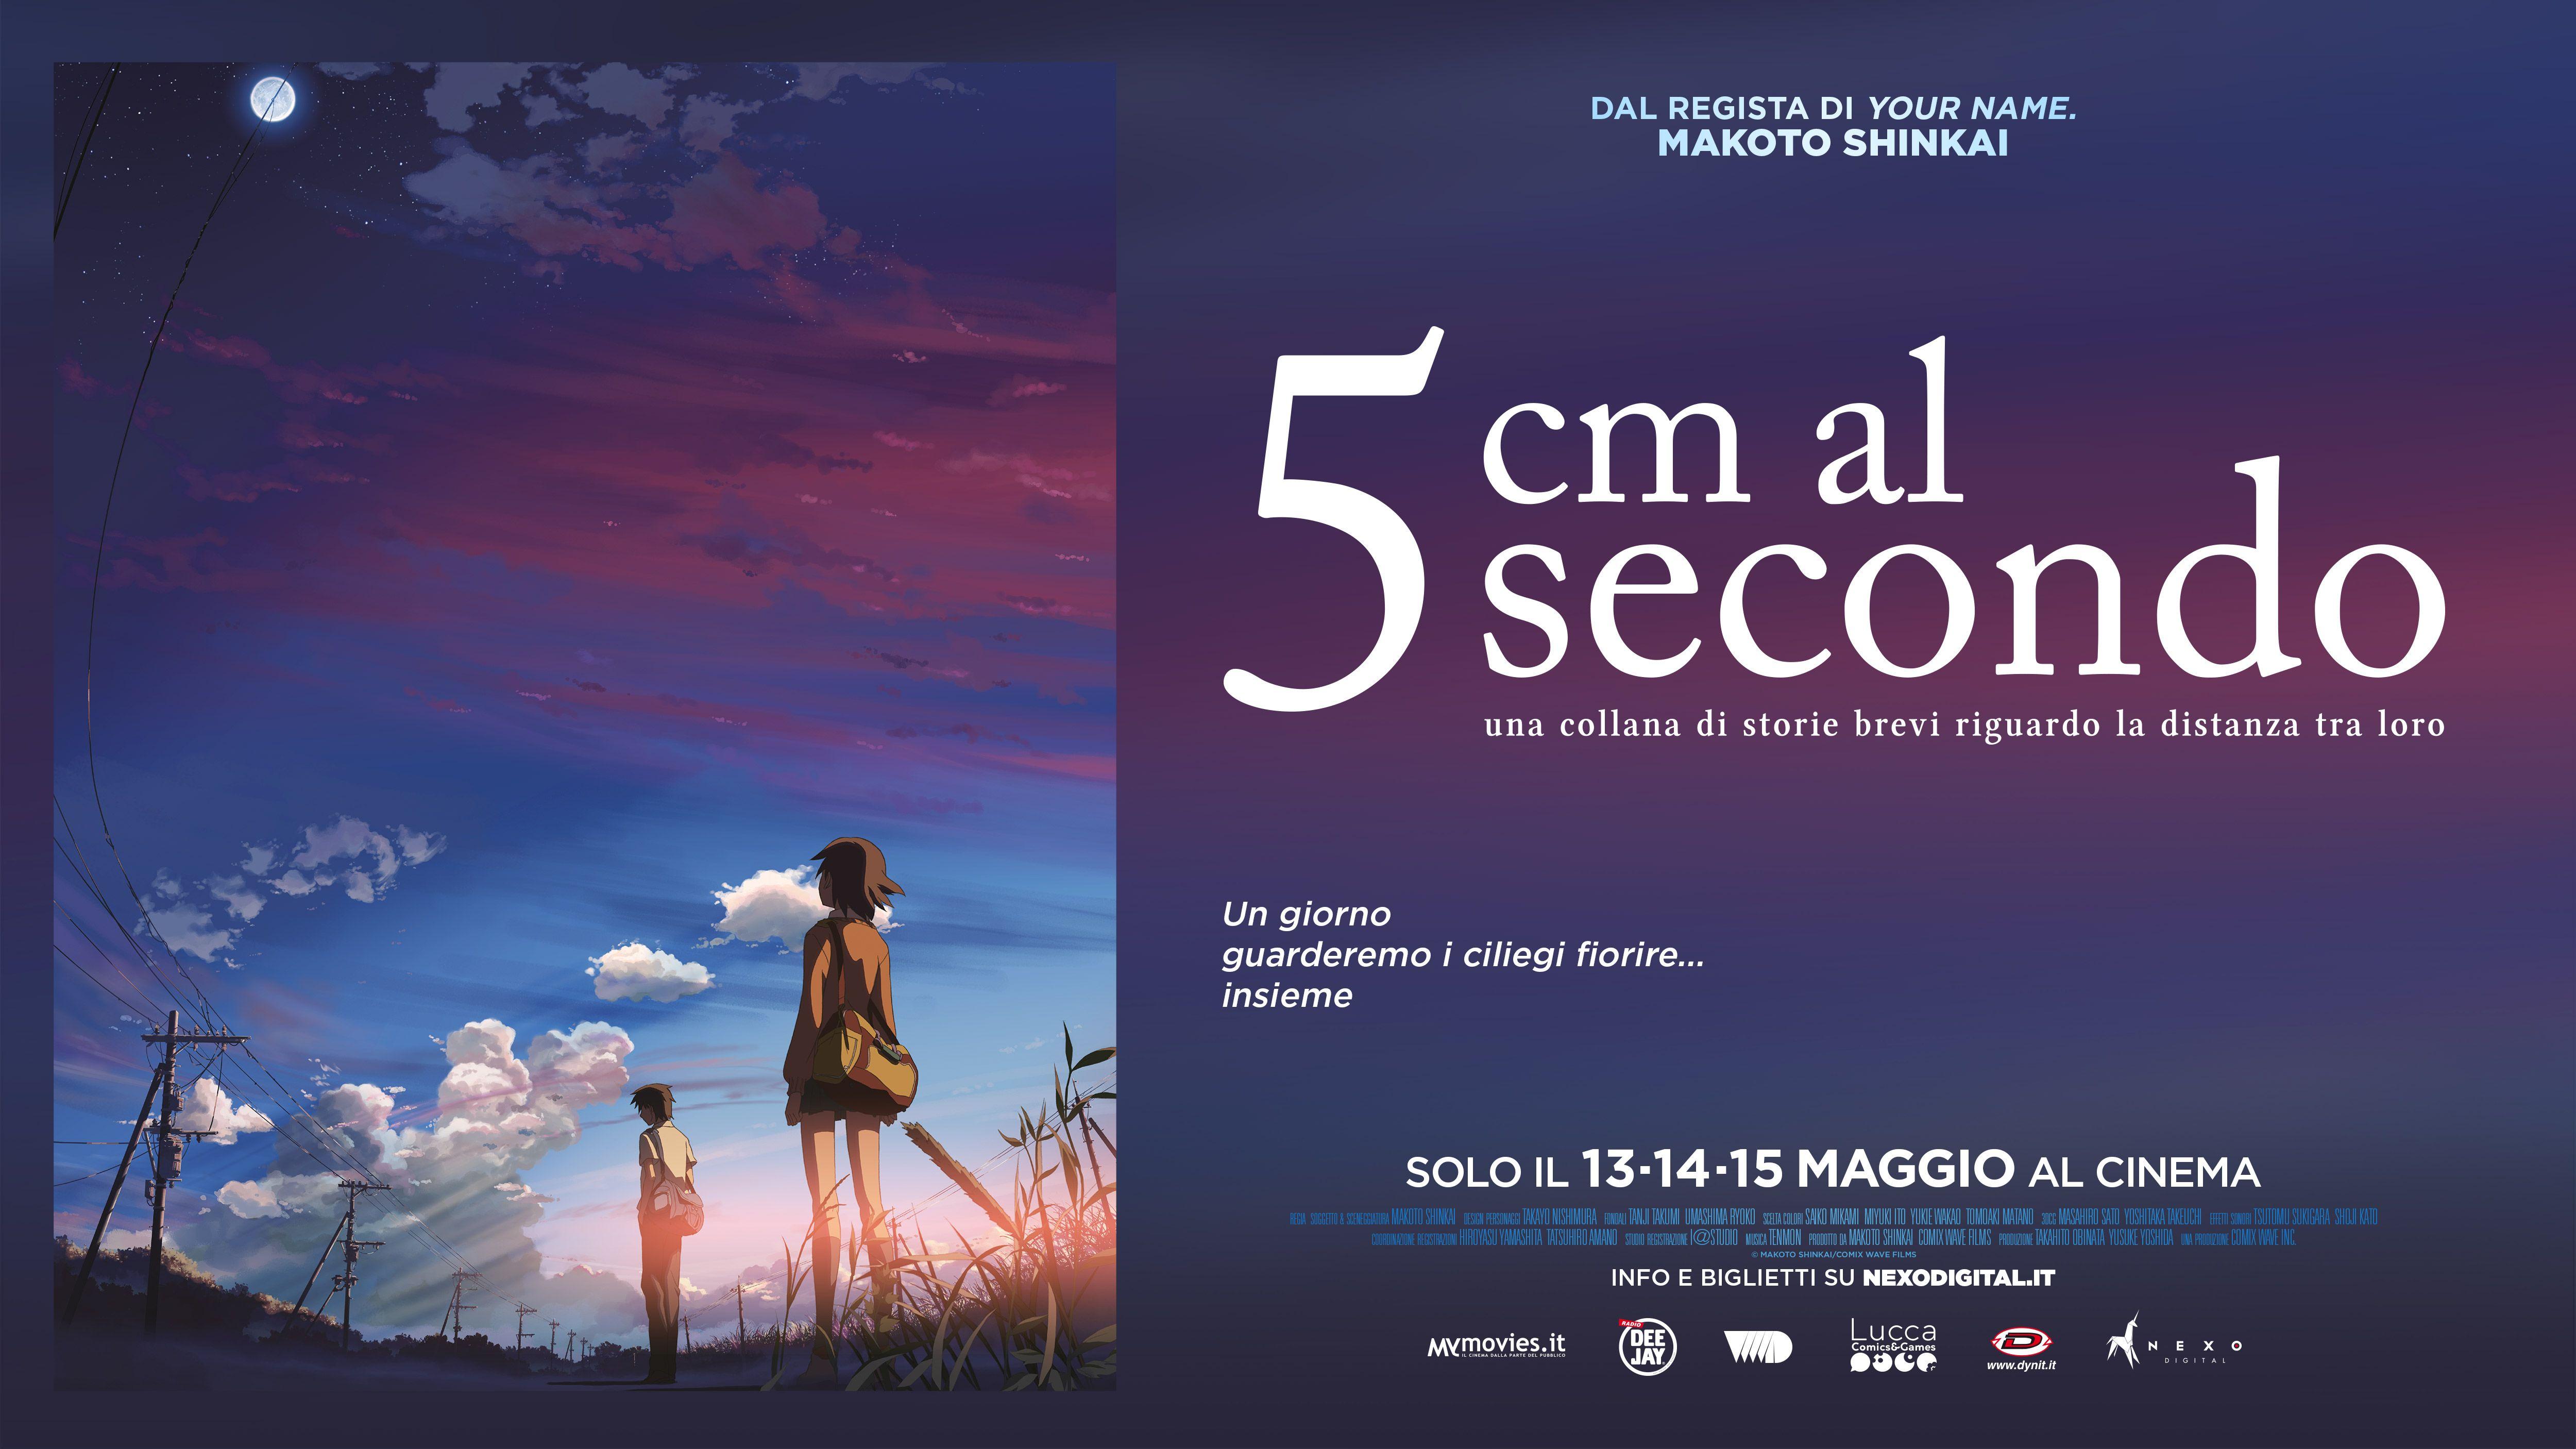 """Shinkai torna al cinema dopo Your Name con """"5 CM AL SECONDO"""" solo dal 13 al 15 maggio. Guarda la clip in esclusiva!"""